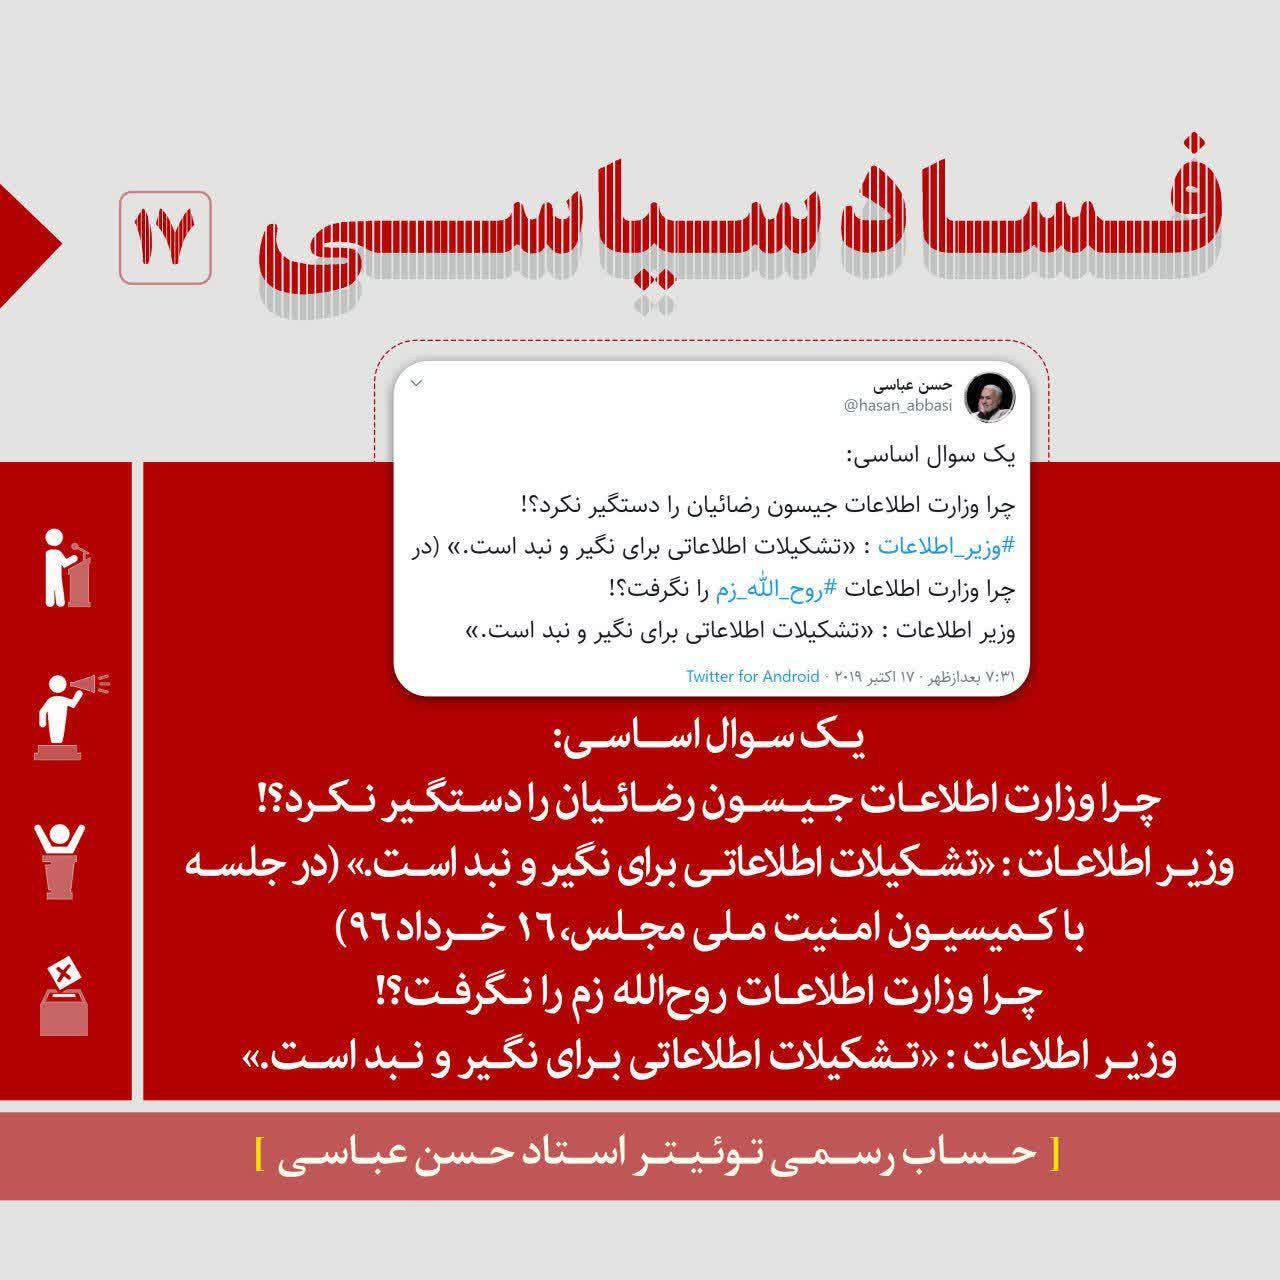 http://dl-abbasi.ir/yekta/1398/Graphic/F_S/Fesad%20Siyasi%20(17).jpg